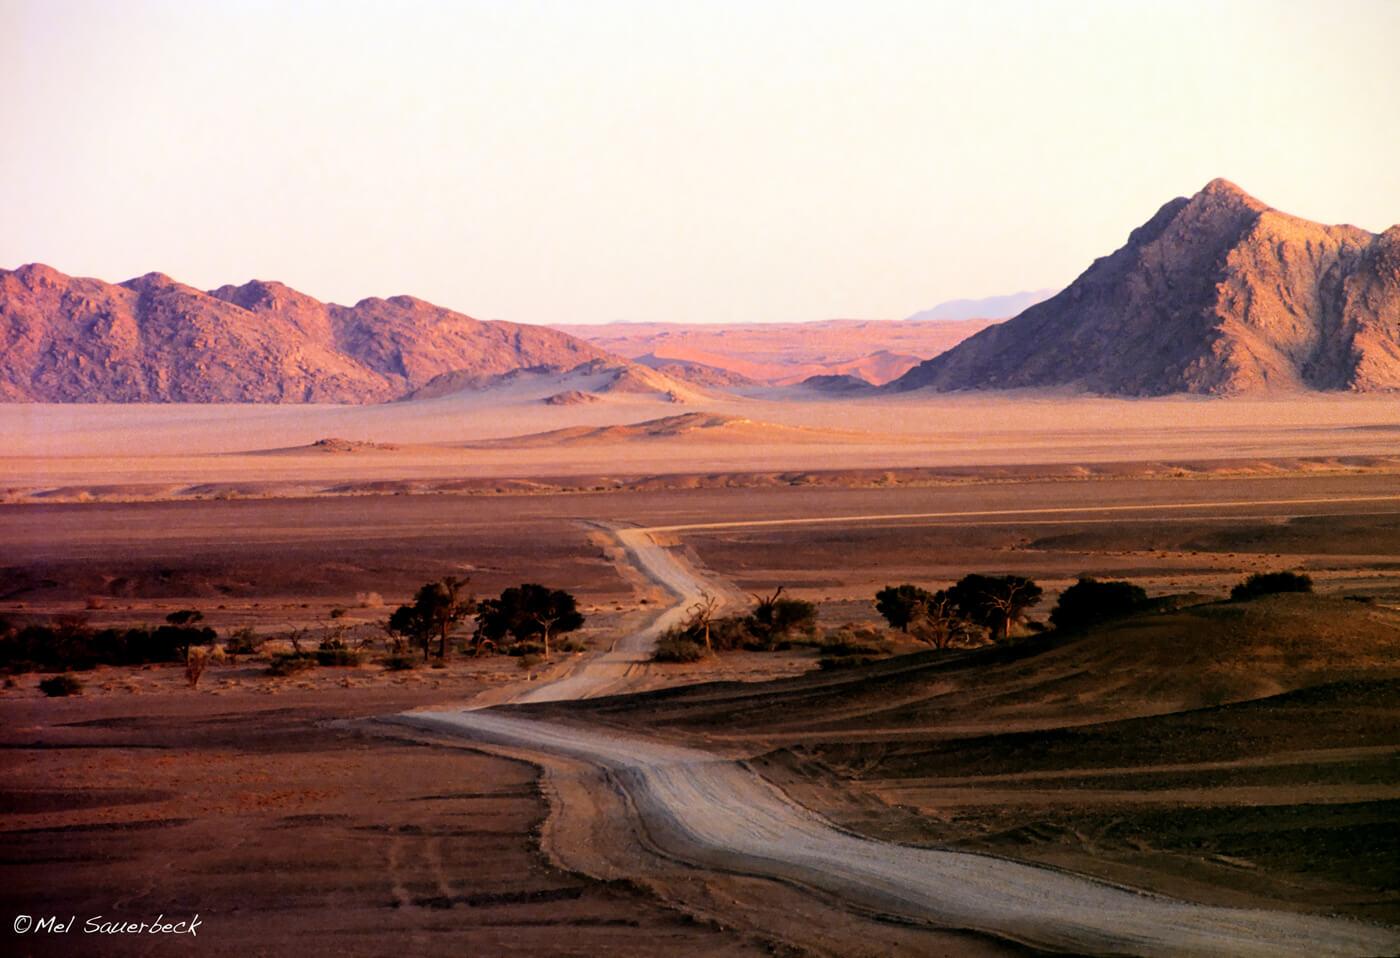 Sesreim, Namib Desert, Africa